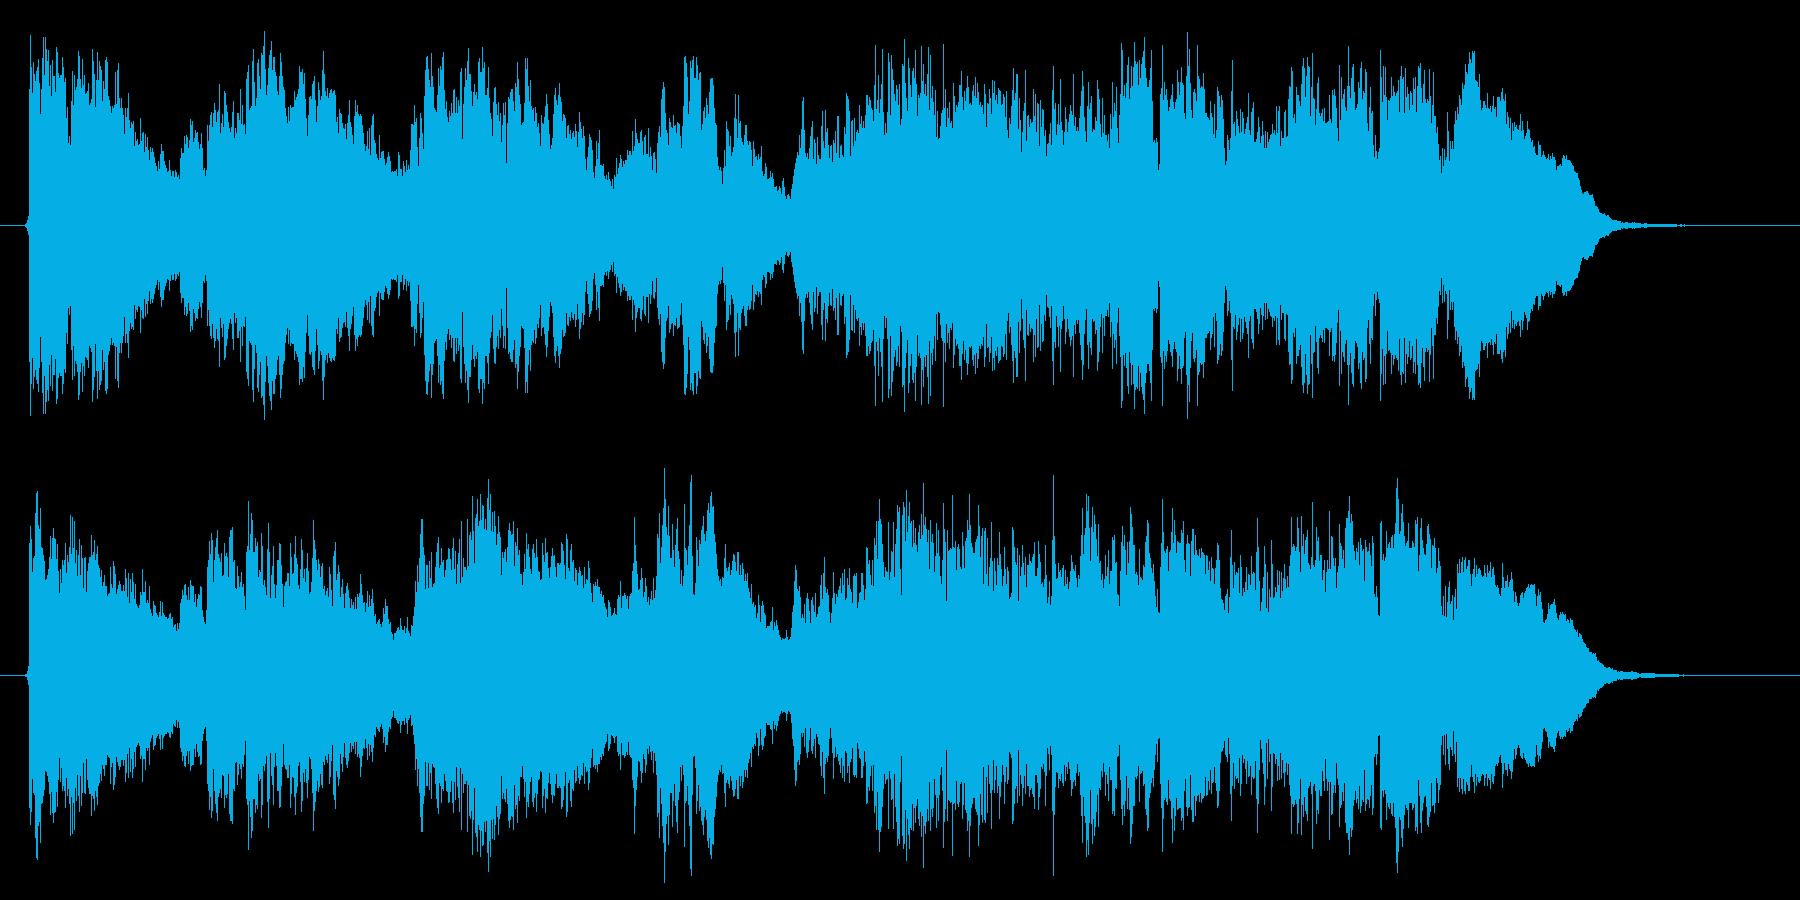 ストリングスが特徴のポップスのジングルの再生済みの波形